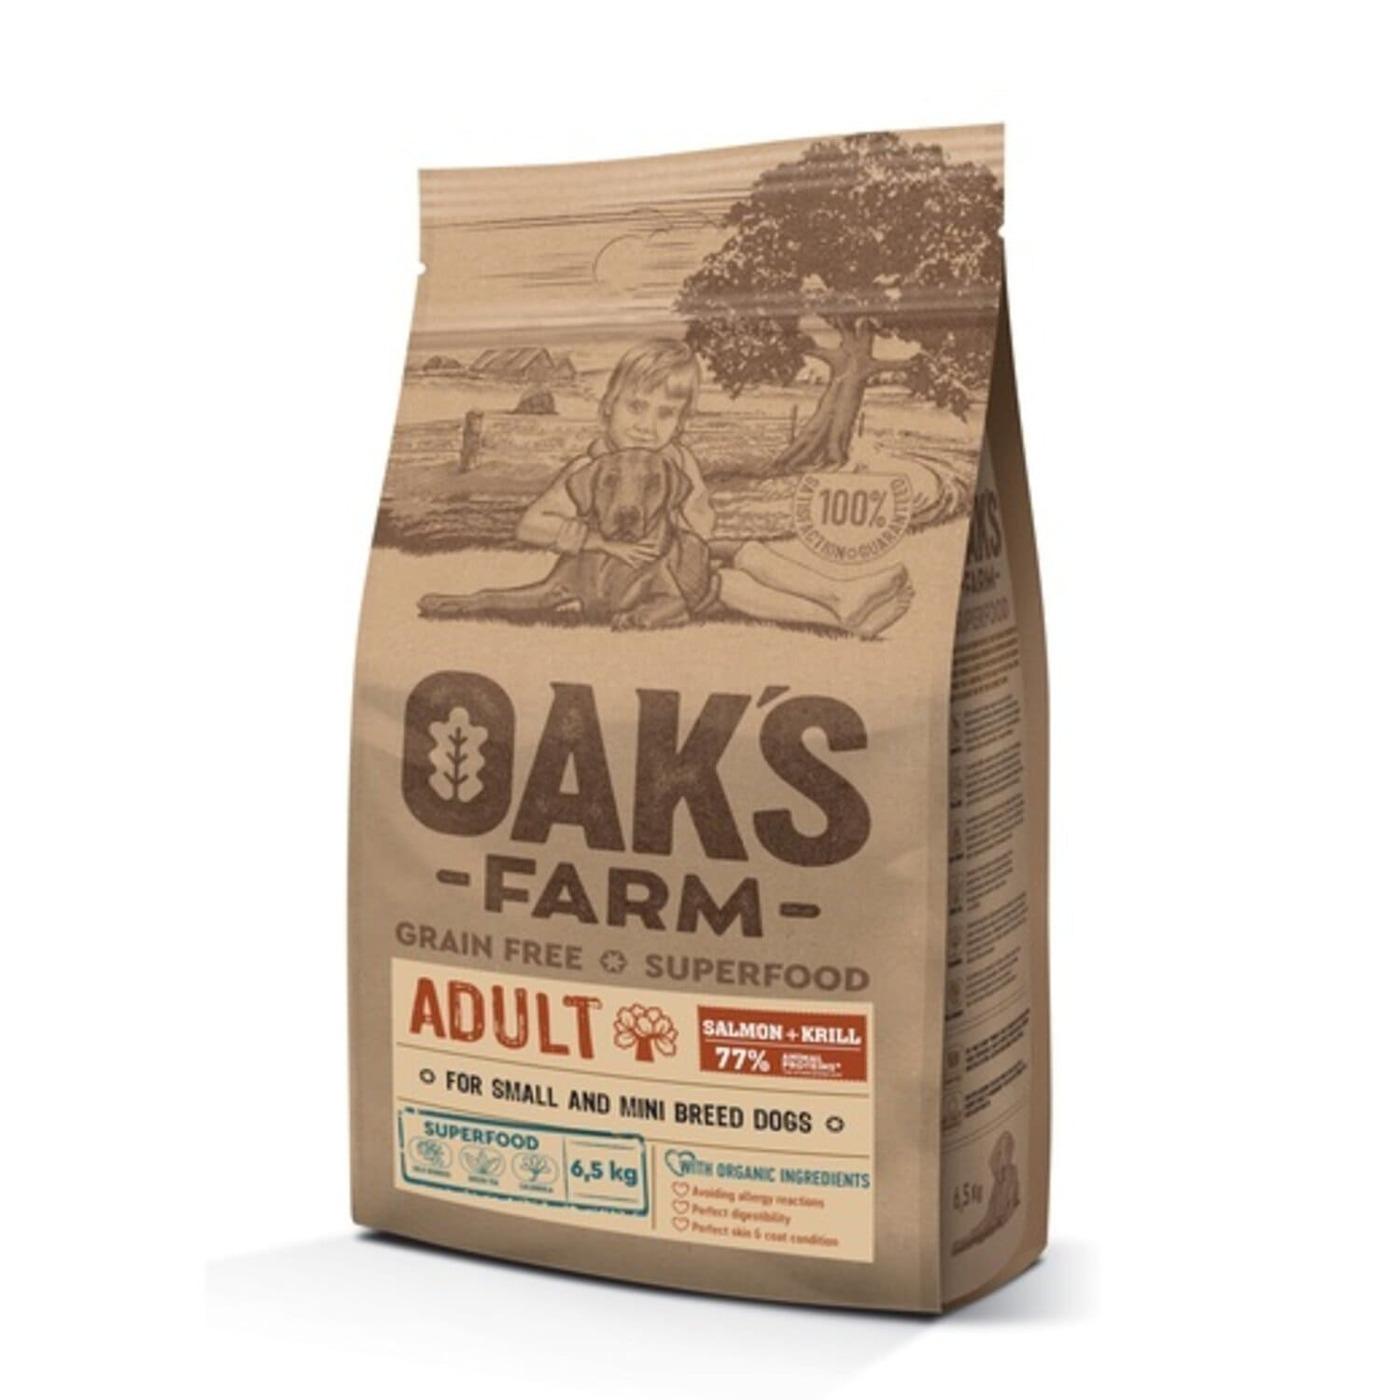 Oaks Farm GF сухой корм для собак мелких и карликовых пород, лосось и криль 6,5 кг